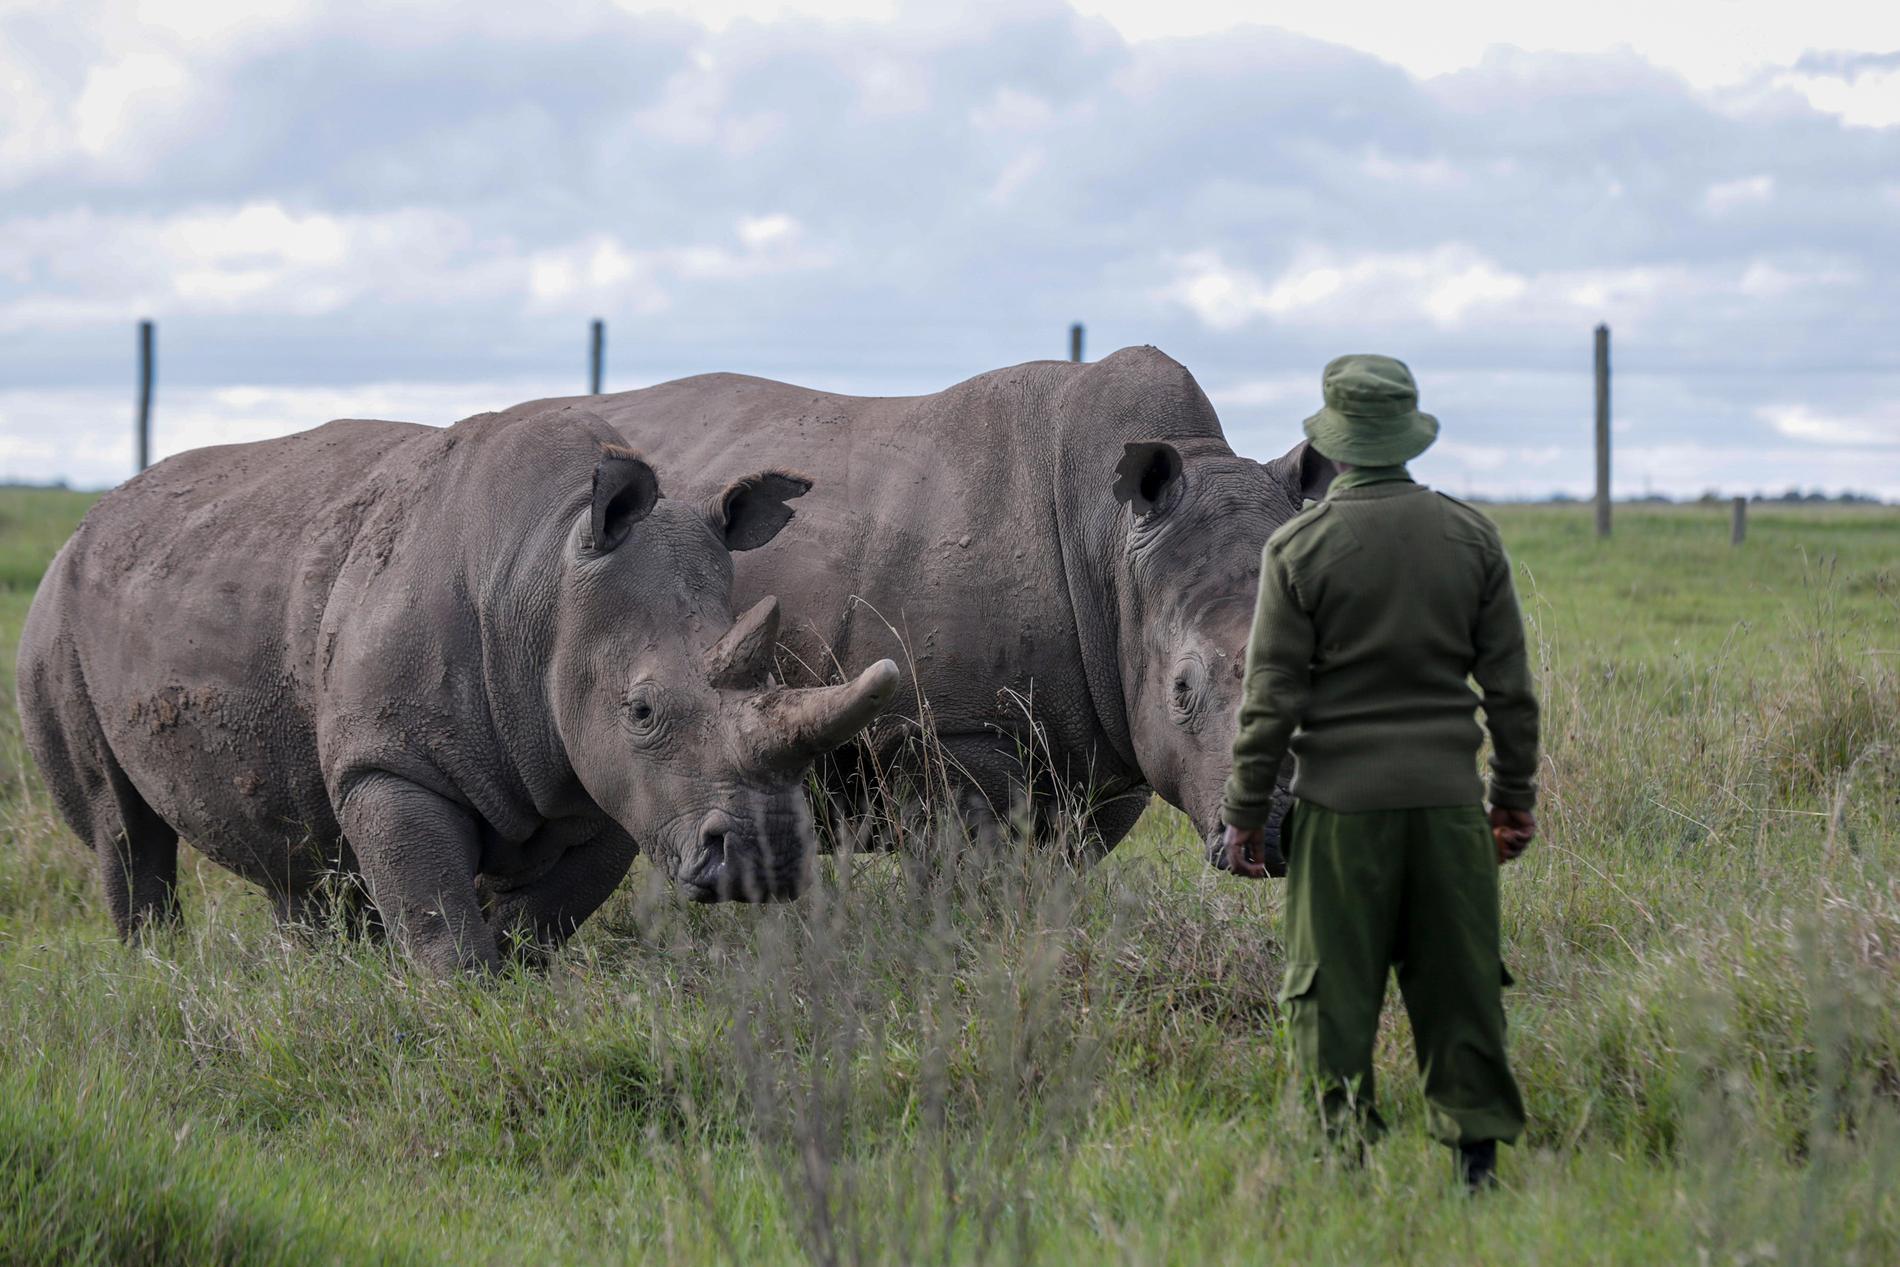 De två sista exemplaren av arten nordlig vit noshörning i ett reservat i Kenya. Fatu till vänster och Najin till höger. Arkivbild